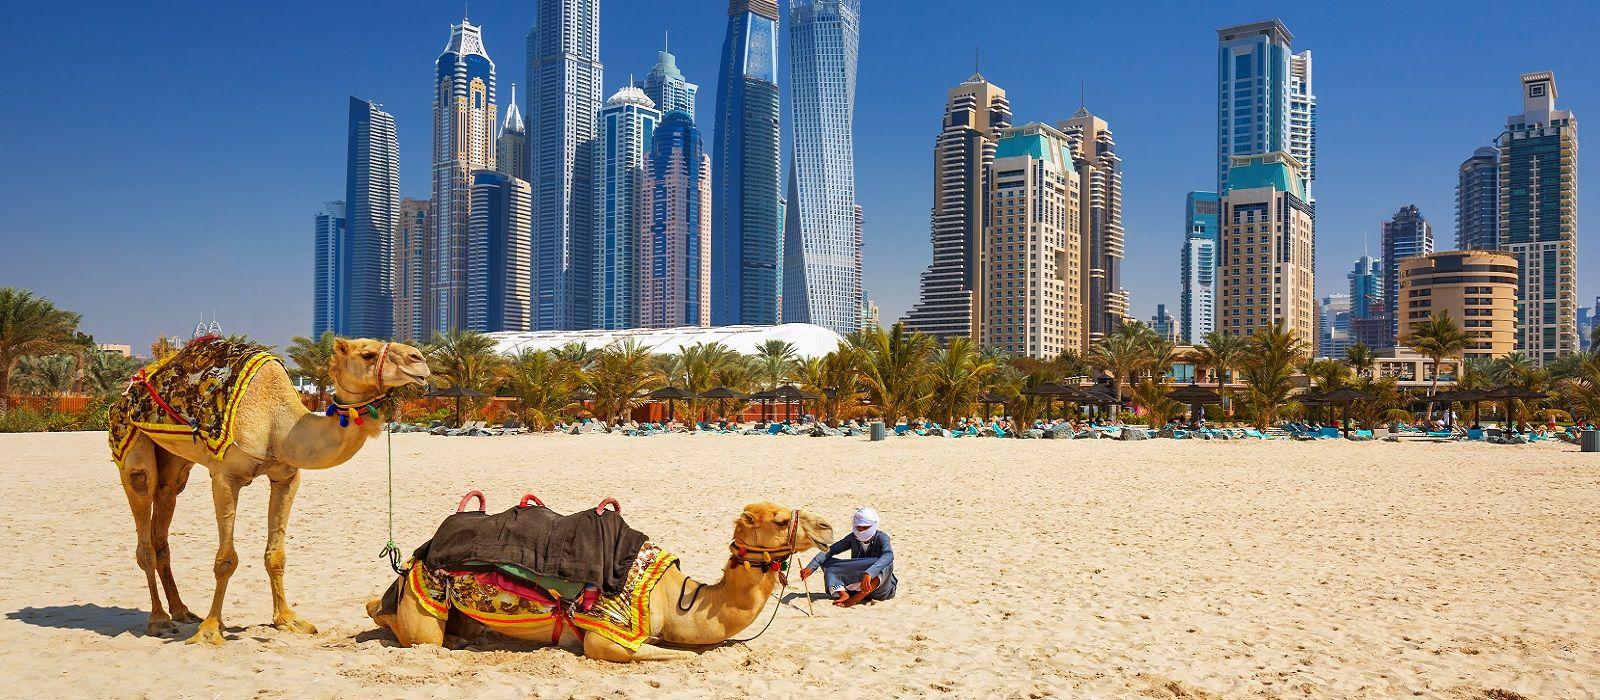 Image result for Dubai, United Arab Emirates